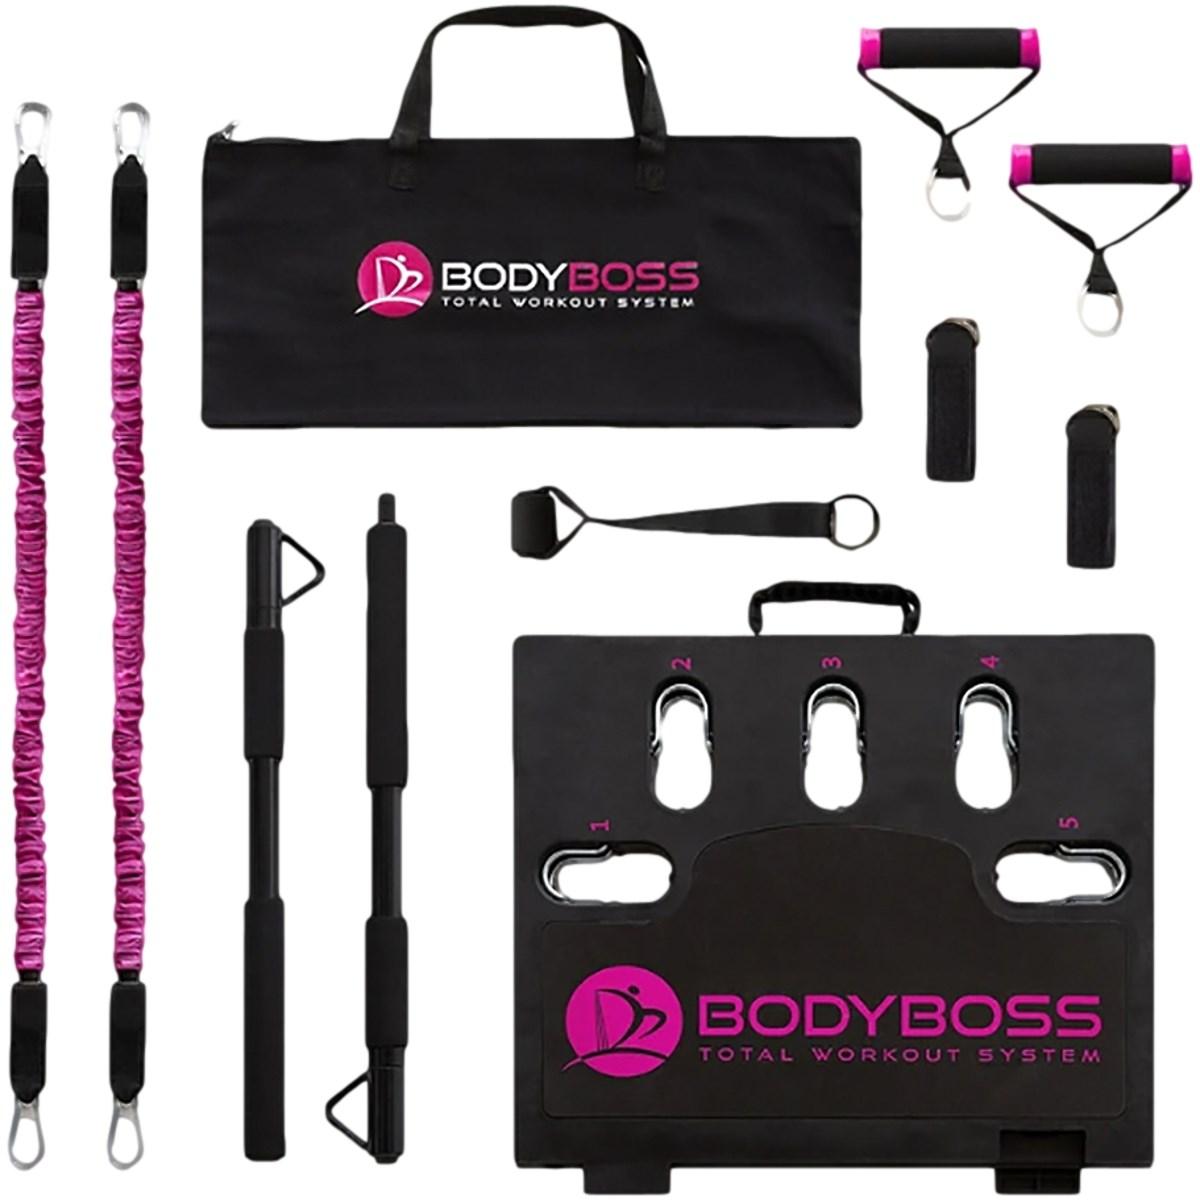 BODYBOSS 2.0 ポータブルフィットネス ピンク メンズ ゴルフ